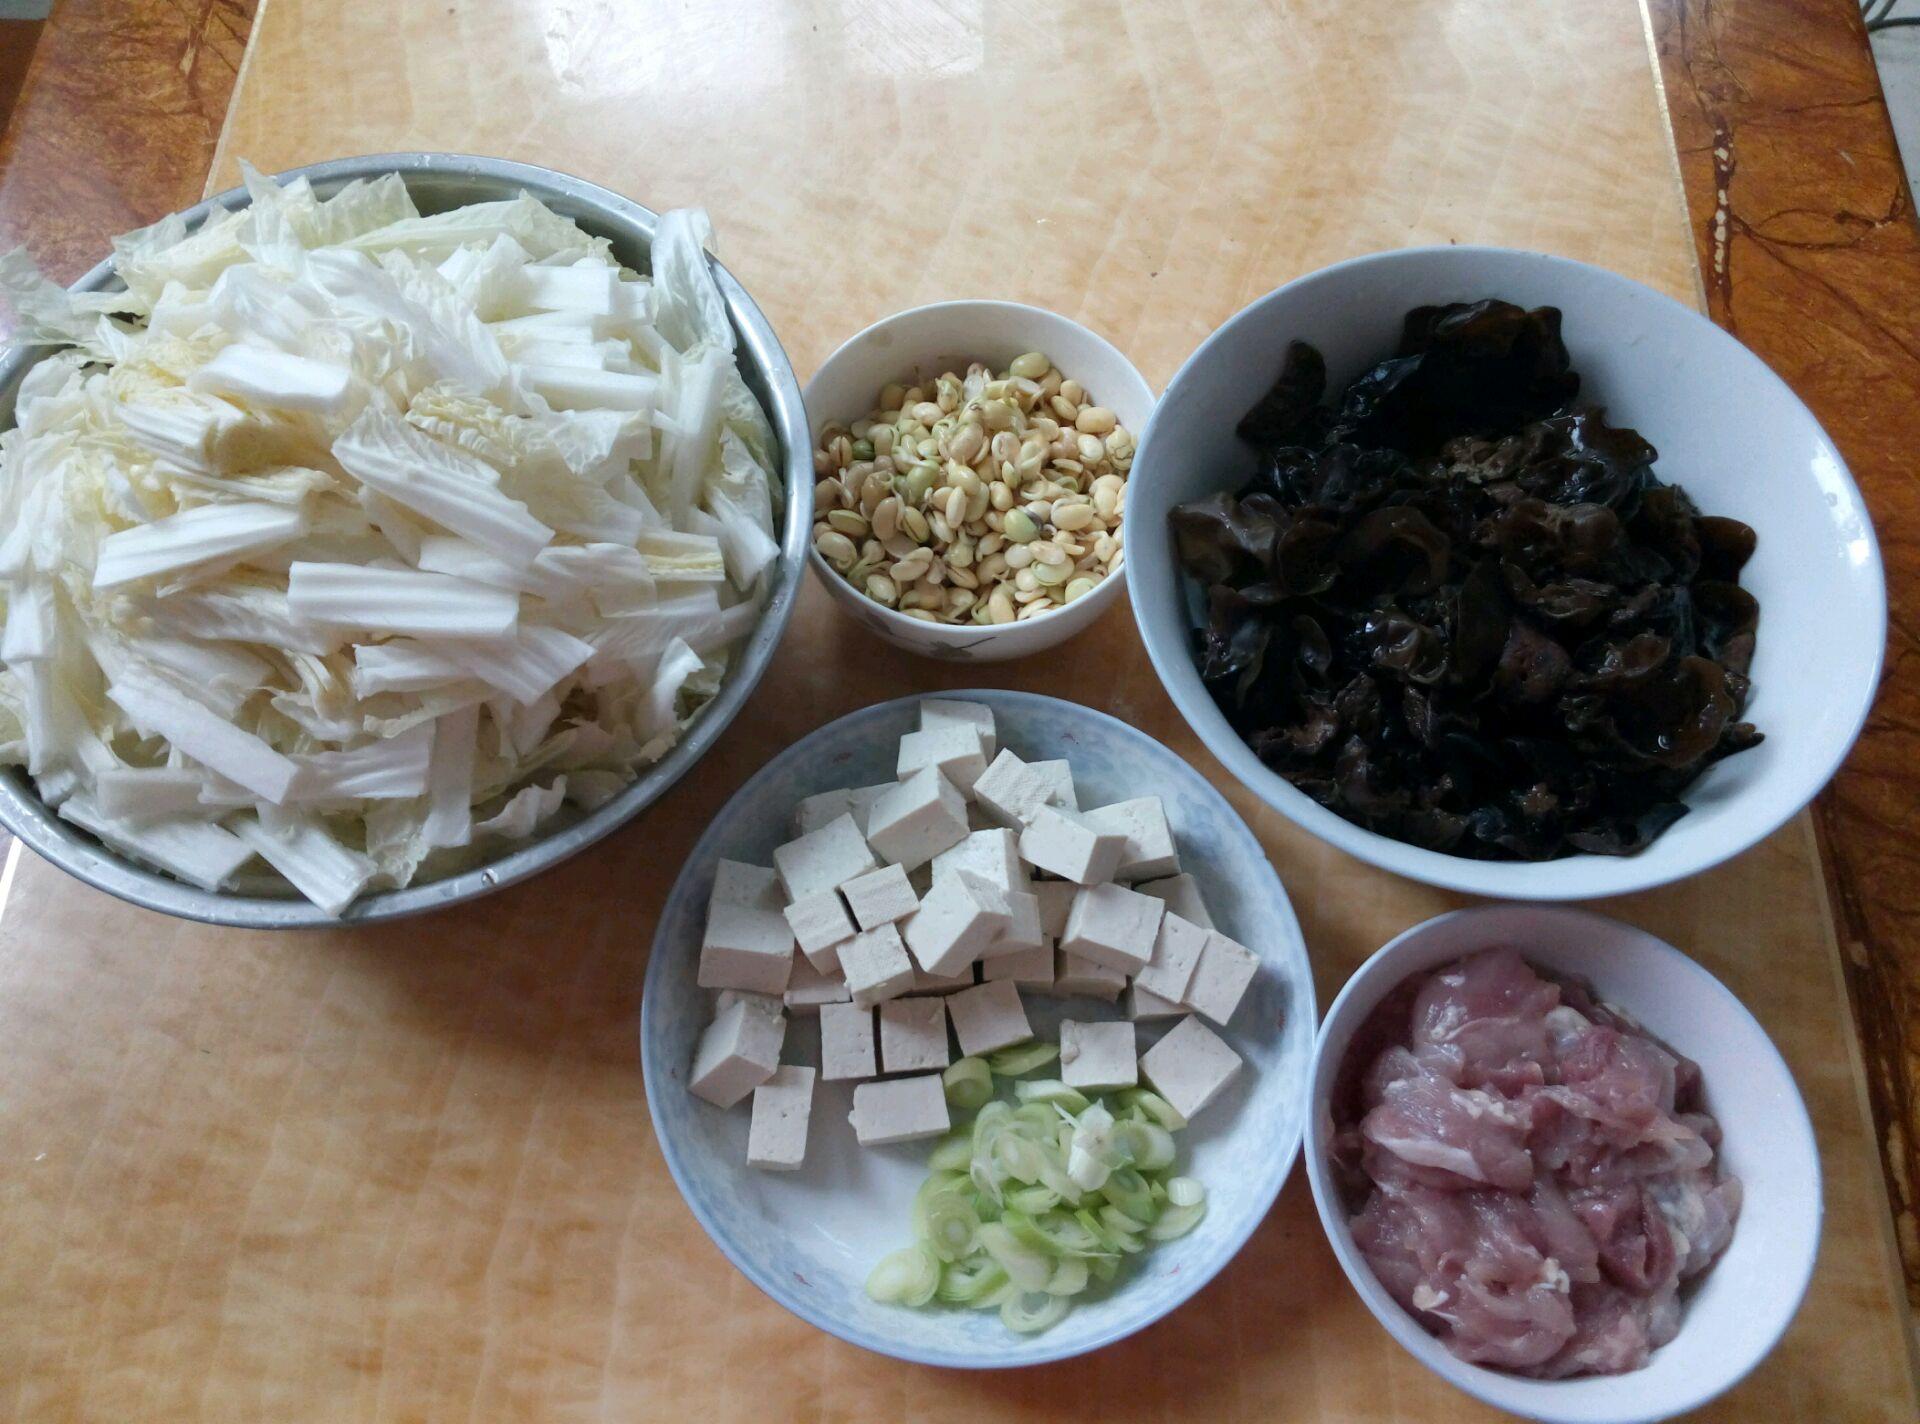 3. 先炒肉,放葱,然后放白菜,白菜炒的塌下去,再把豆嘴蘑菇木耳放进去,翻炒一会,然后倒进去水,多放水,调料要放进去,开一会,就把粉条洗洗剪一下放进去,粉条要放上边,不能翻动,不然会抓锅,然后在粉条上边放上豆腐,盖盖儿,等着就好了